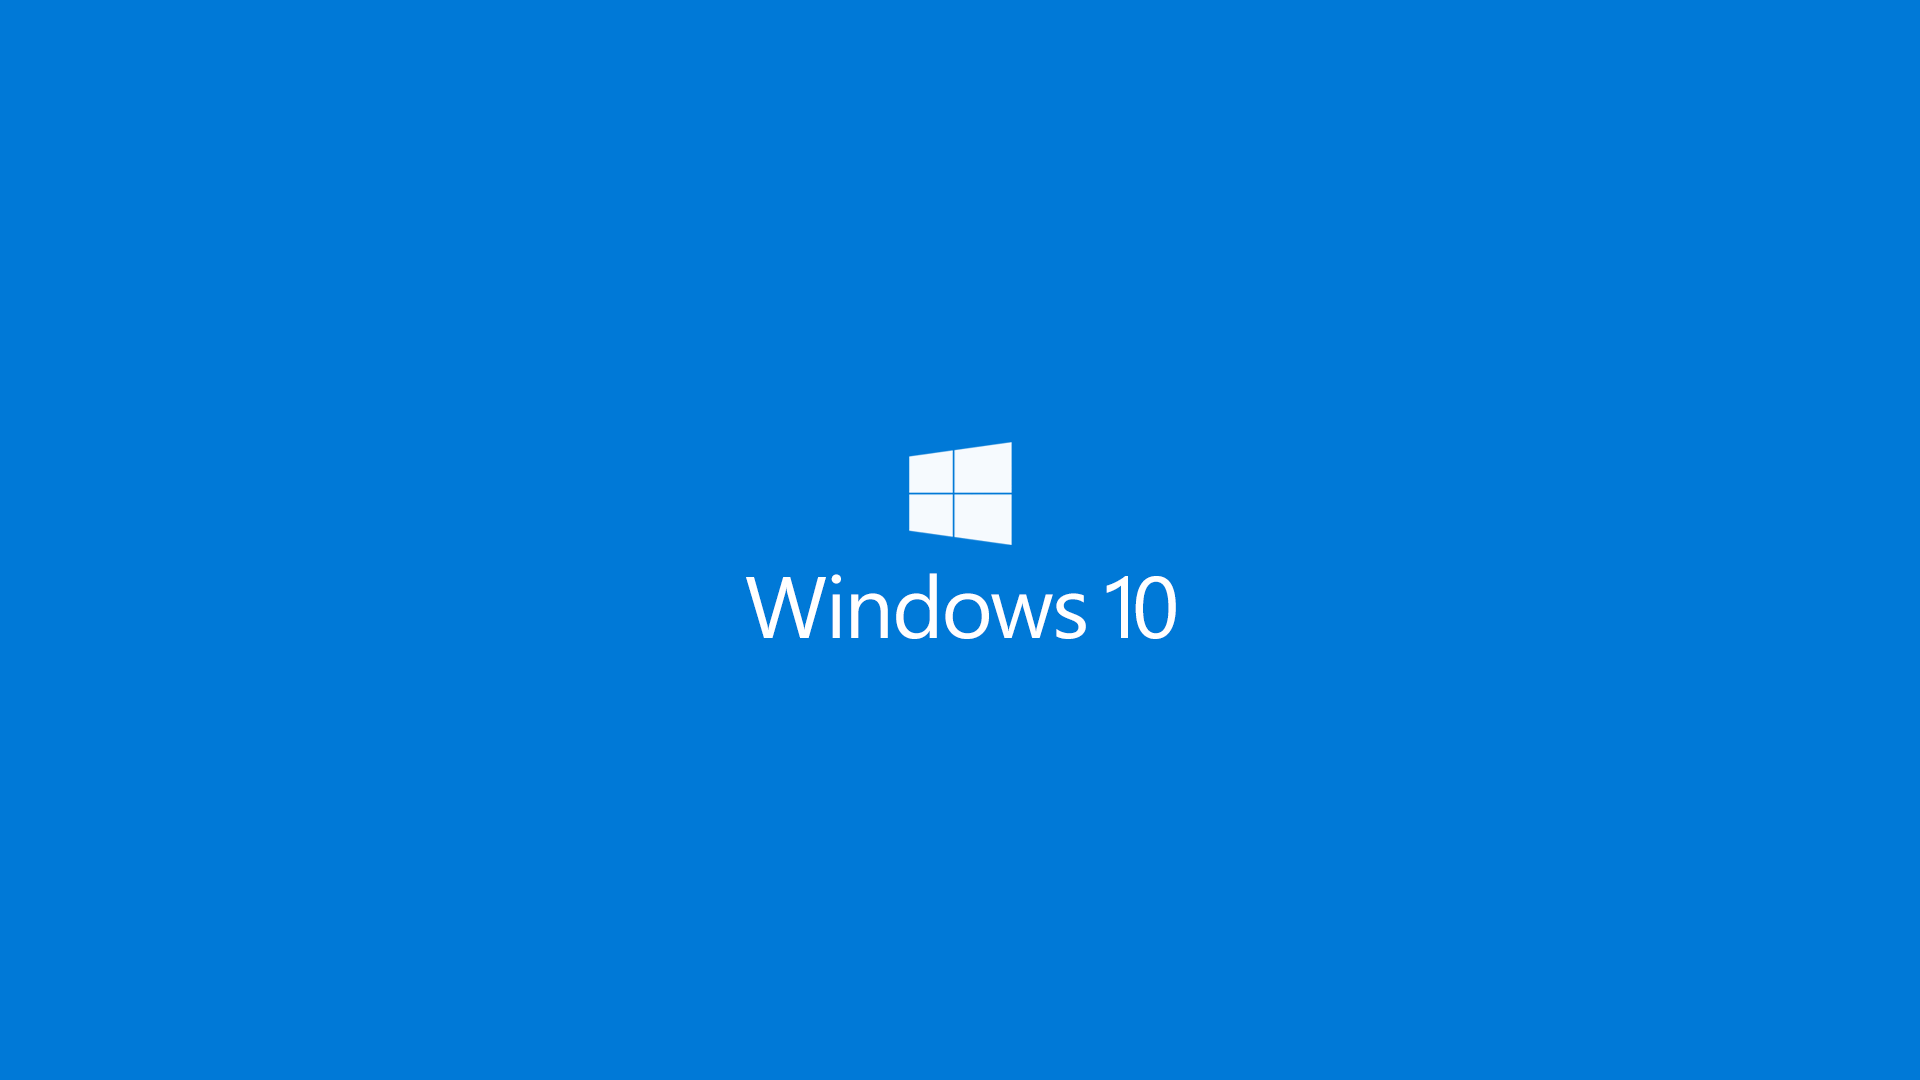 Minimalist Windows 10 Wallpaper - WallpaperSafari